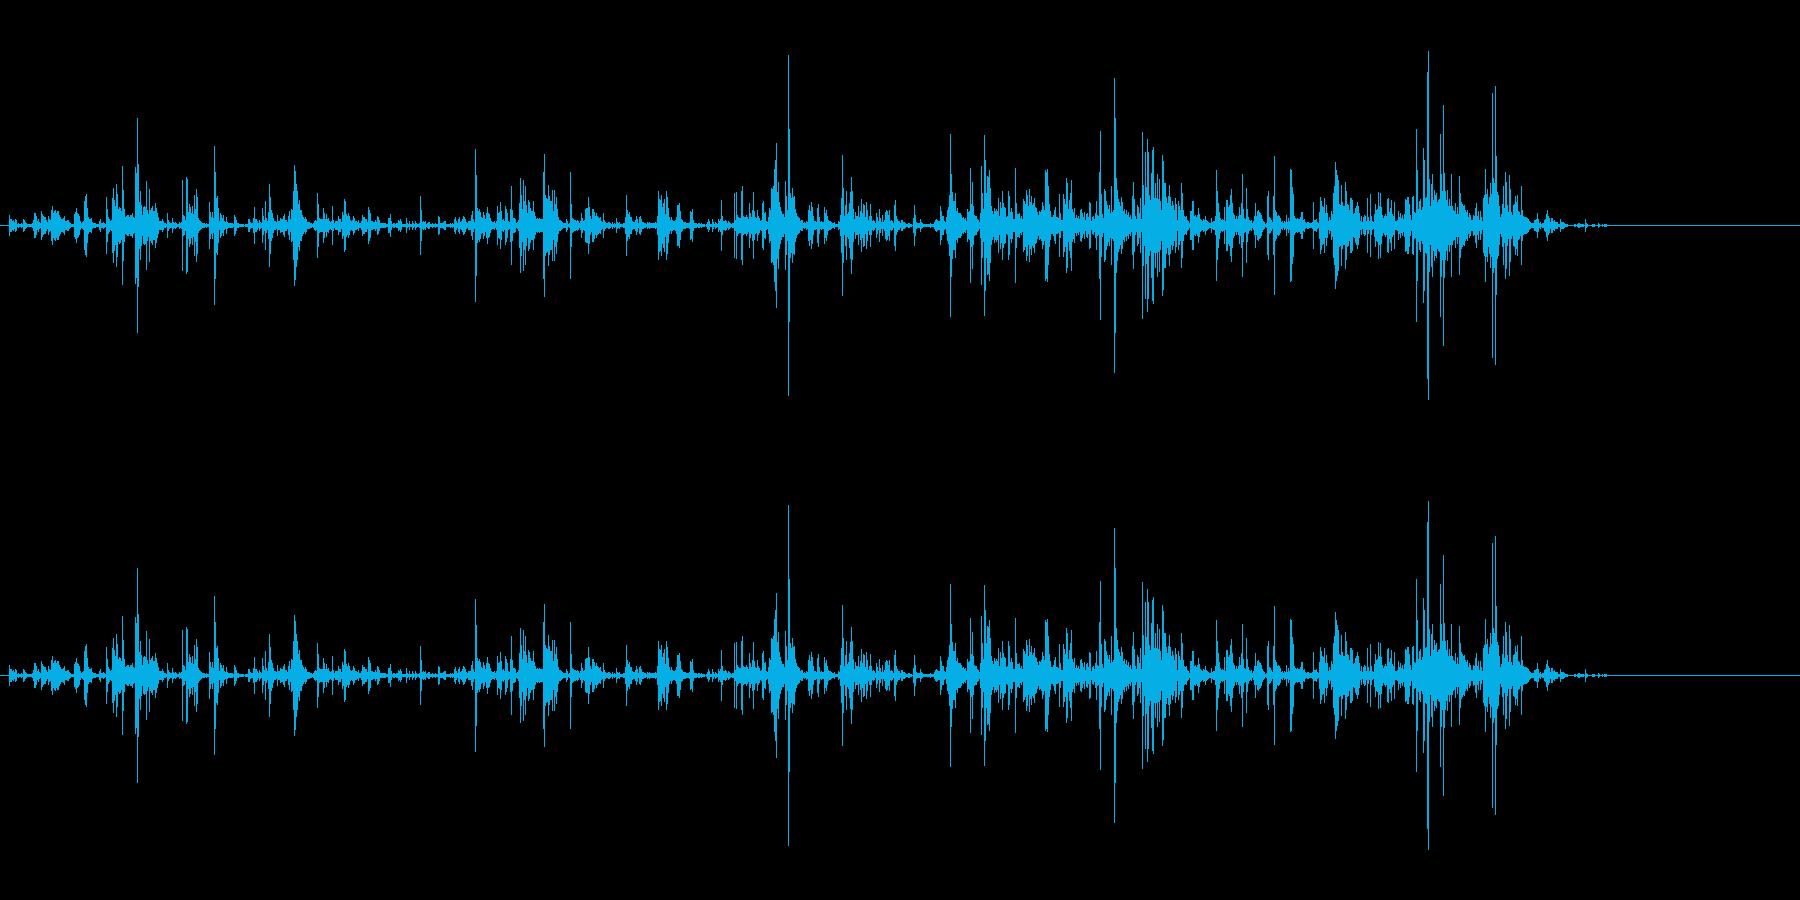 「カラカラ〜」ウッドチャイムの渇いた音の再生済みの波形